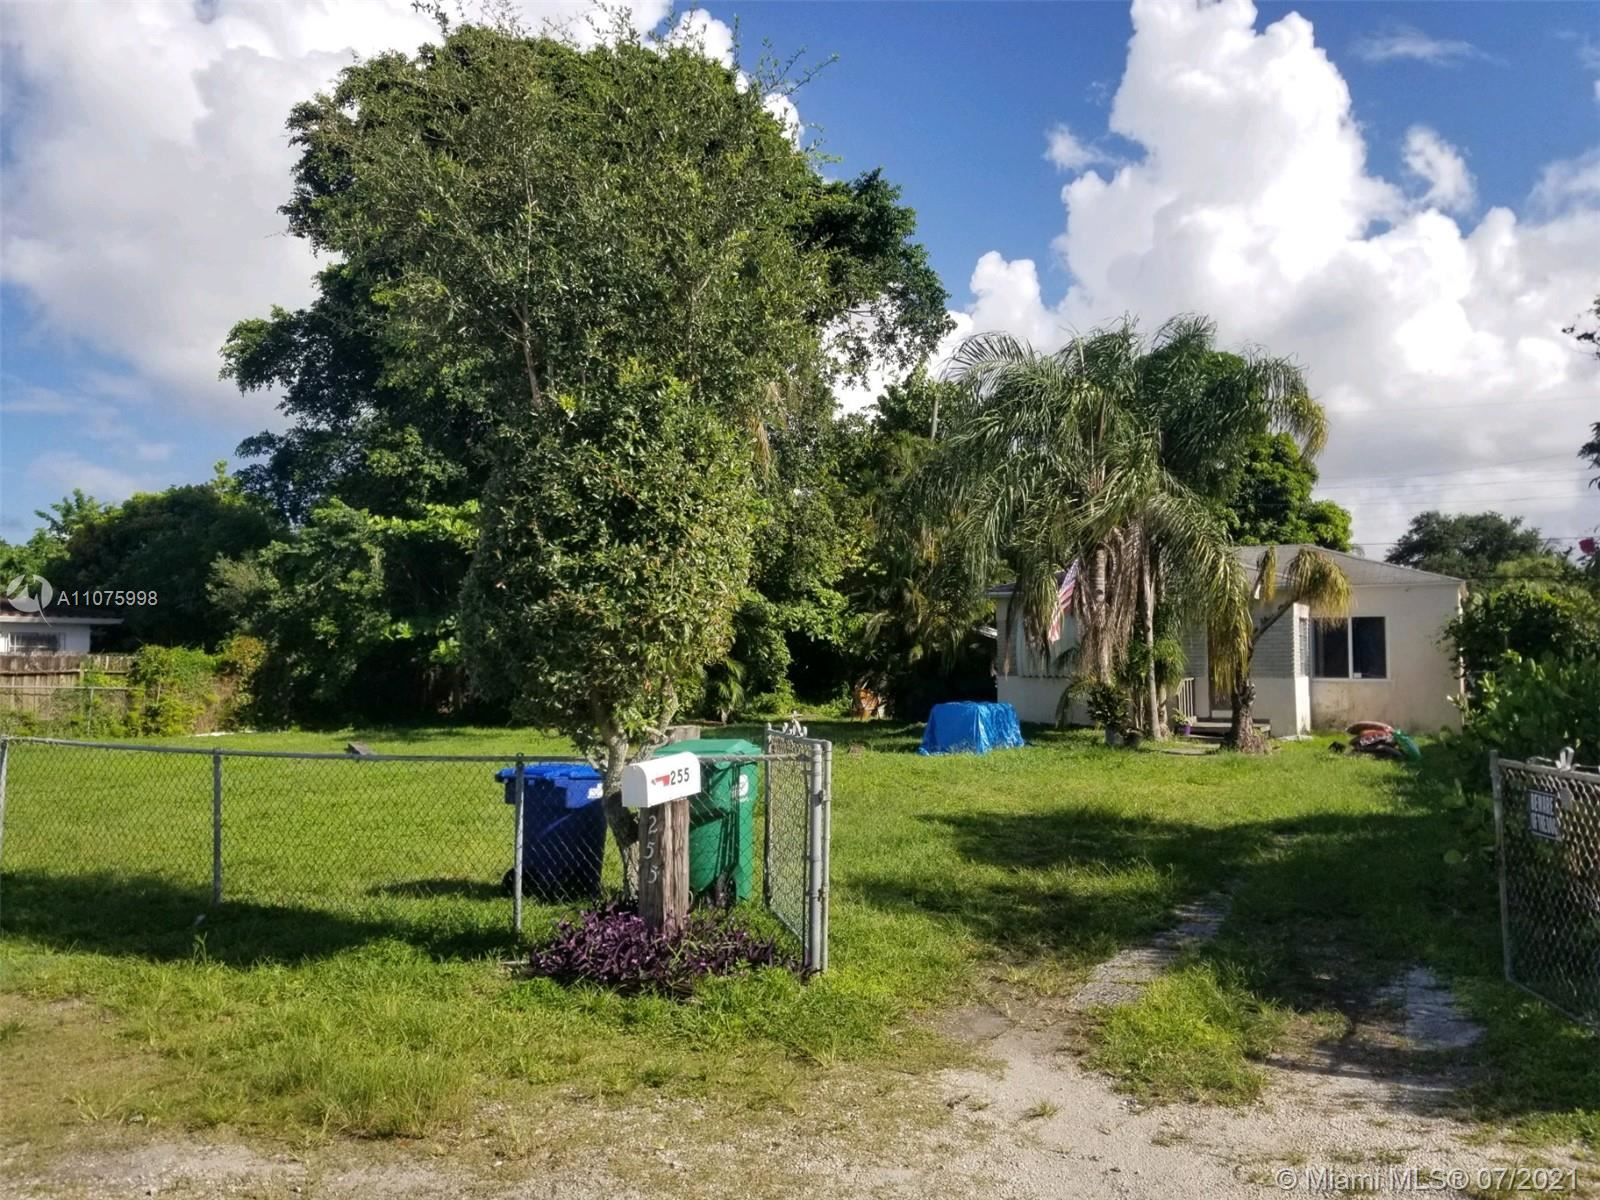 Photo of 255 NE 161st St, Miami, FL 33162 (MLS # A11075998)